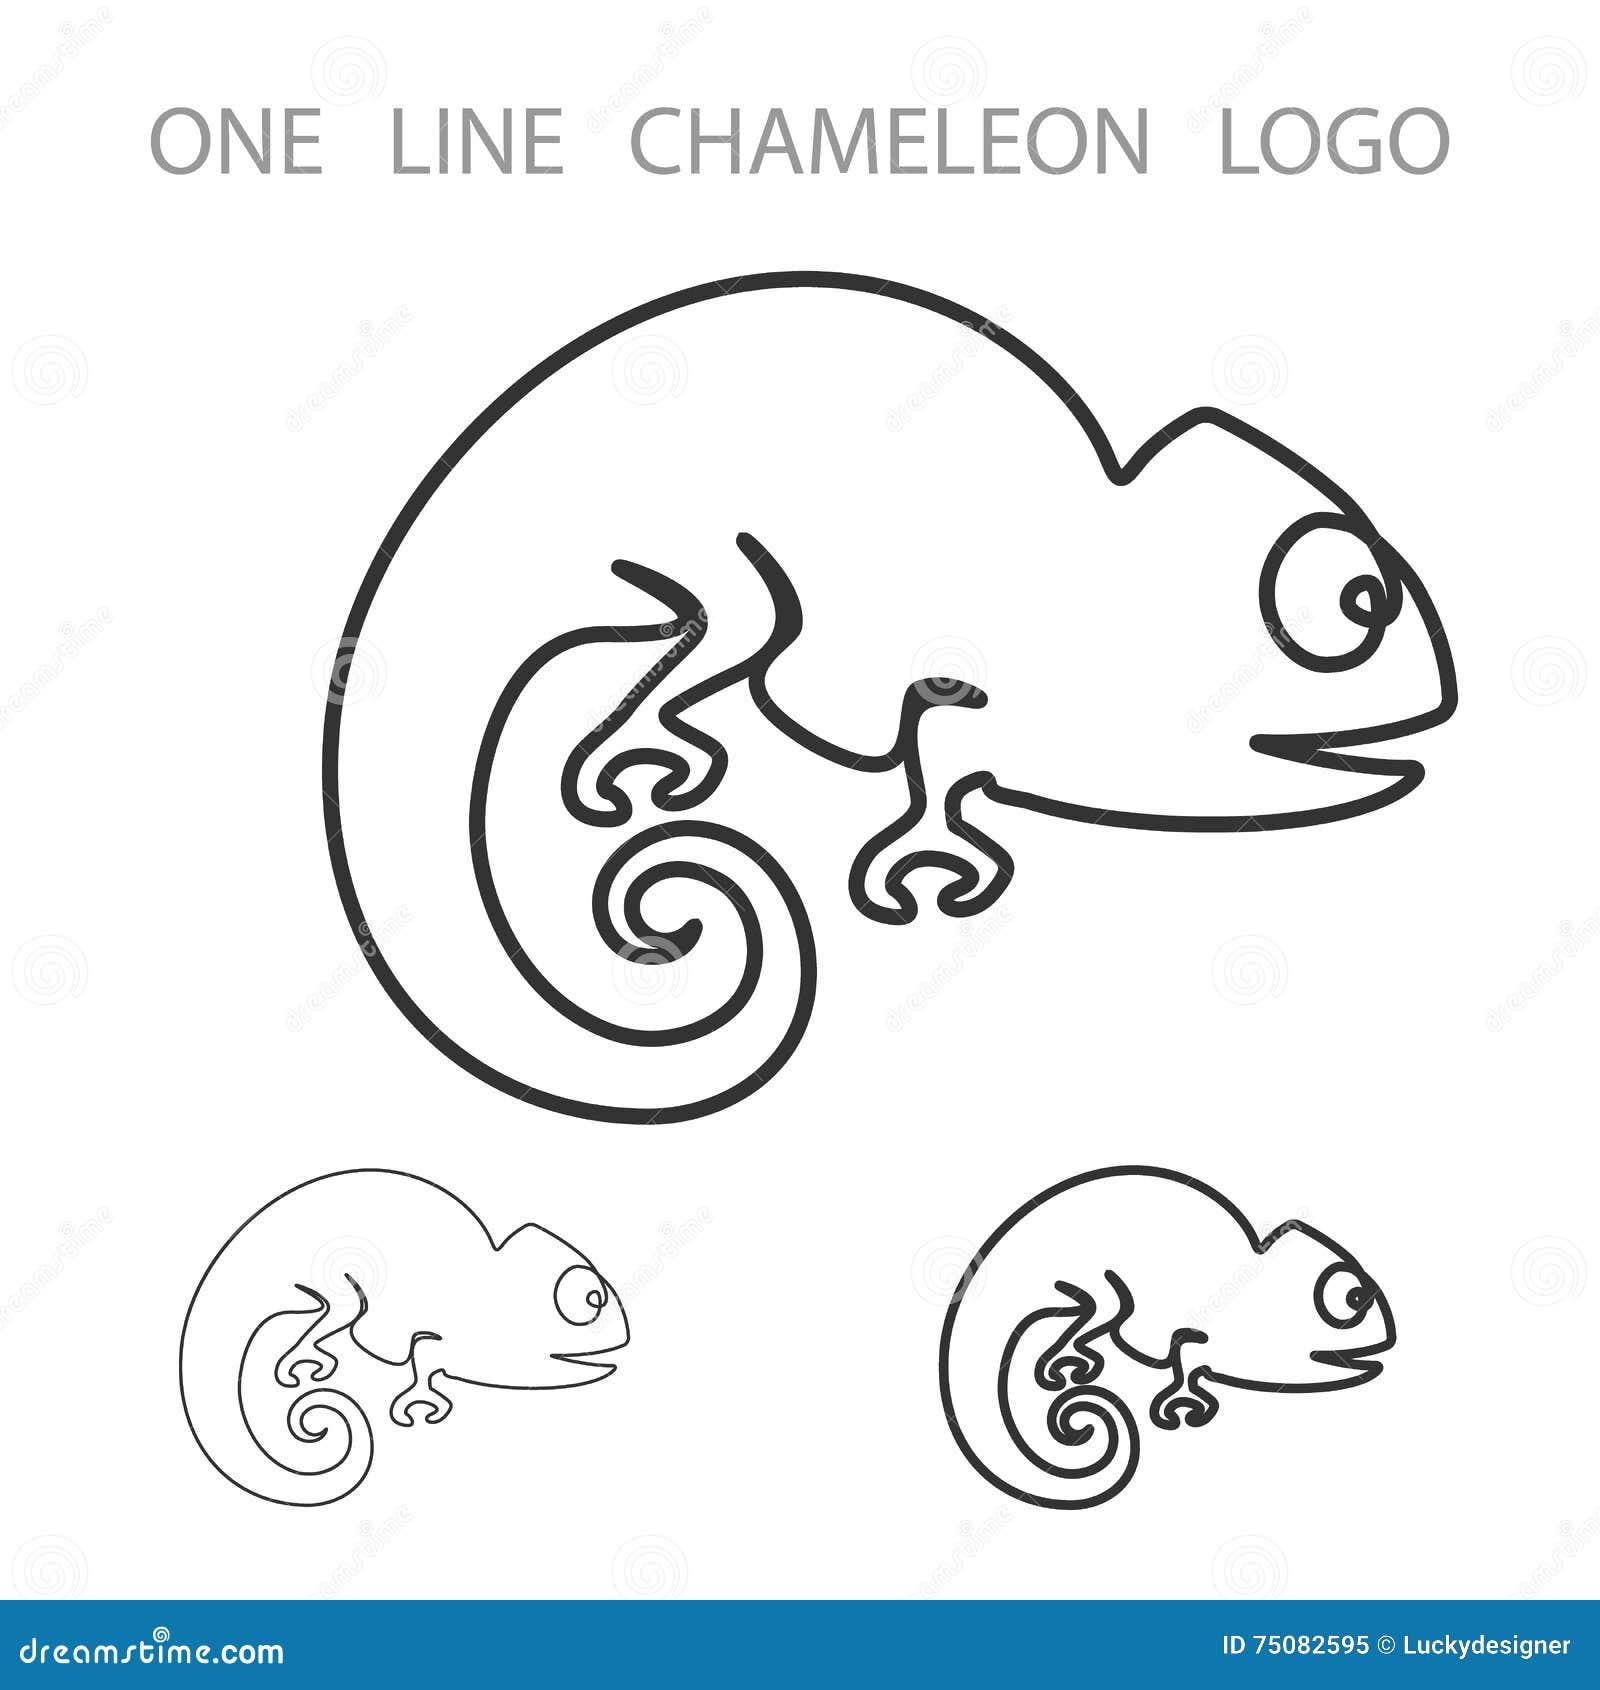 χαμαιλέοντας Ένα λογότυπο γραμμών Ύφος Logotype μινιμαλισμού διάνυσμα